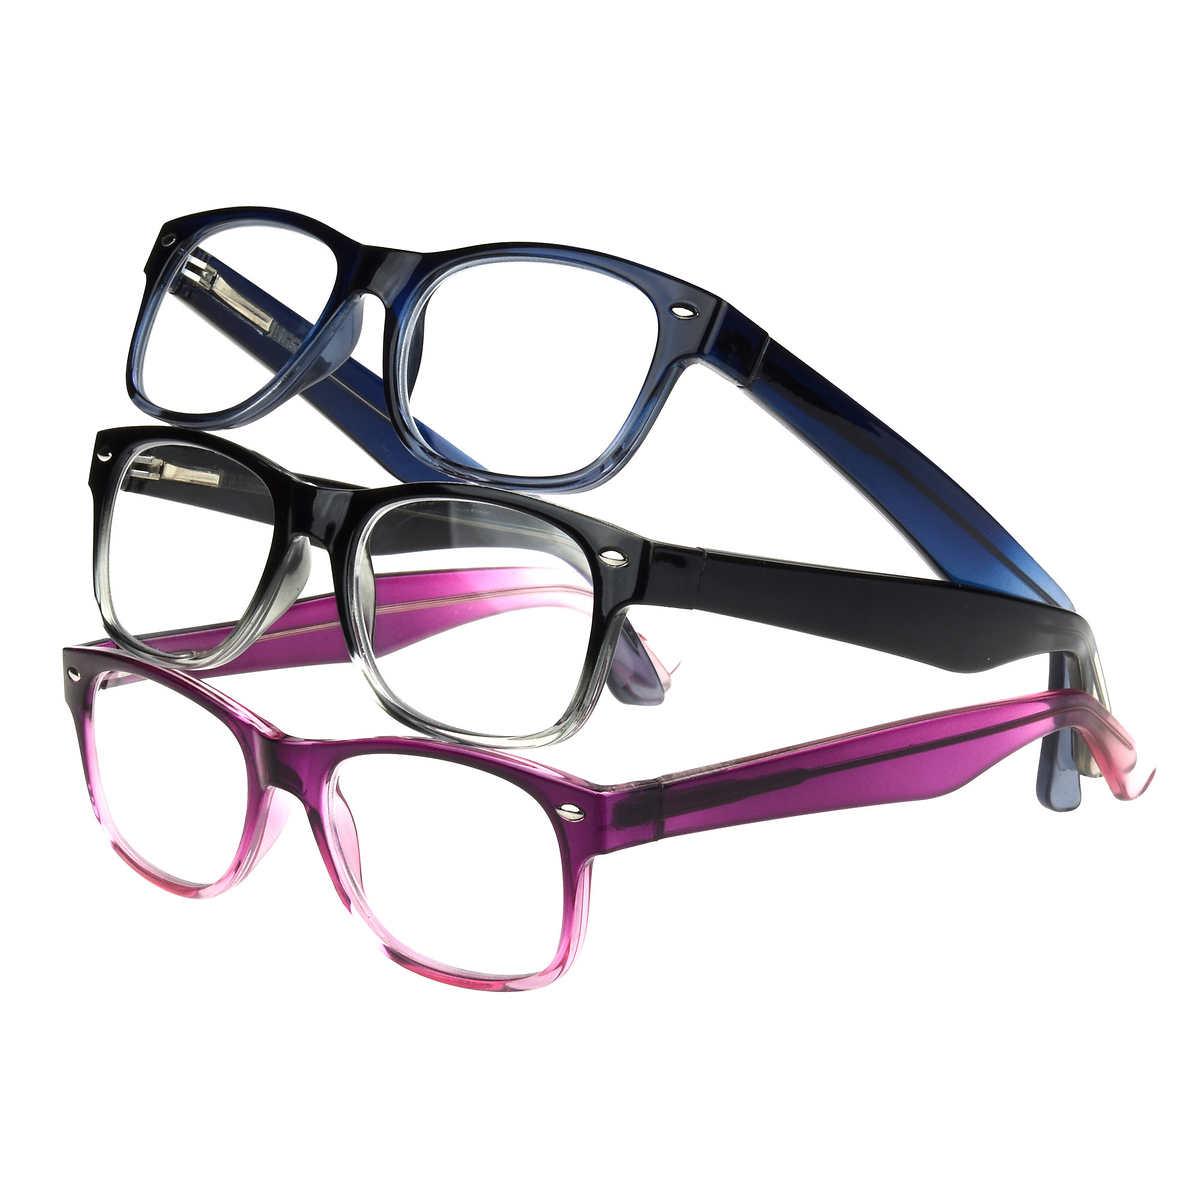 09ab40ec5 Design Optics by Foster Grant, Laney Full Rim Plastic Reading ...